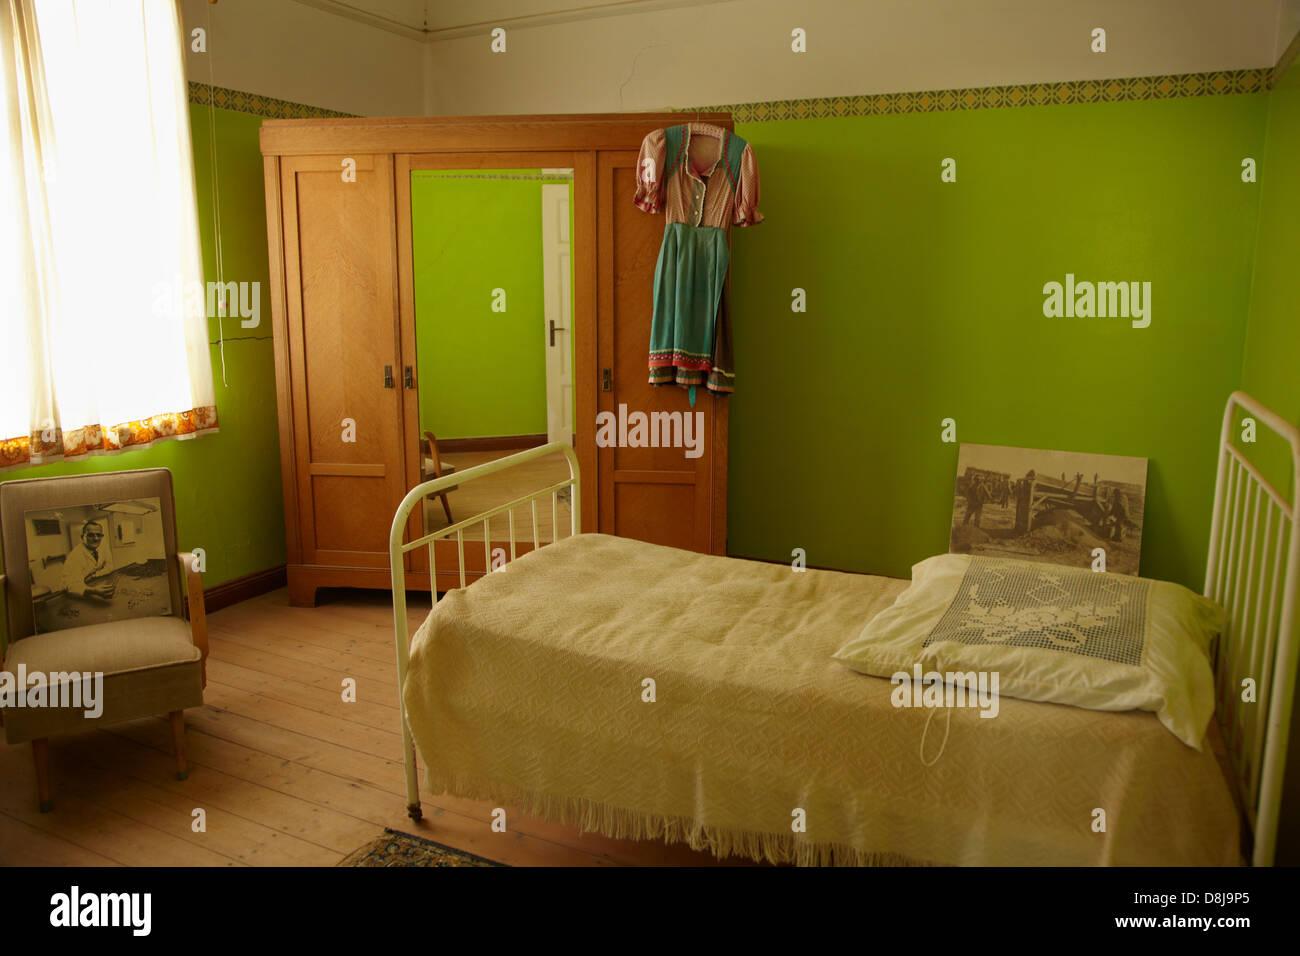 schlafzimmer, kolmanskop geisterstadt, in der nähe von lüderitz, Schlafzimmer entwurf